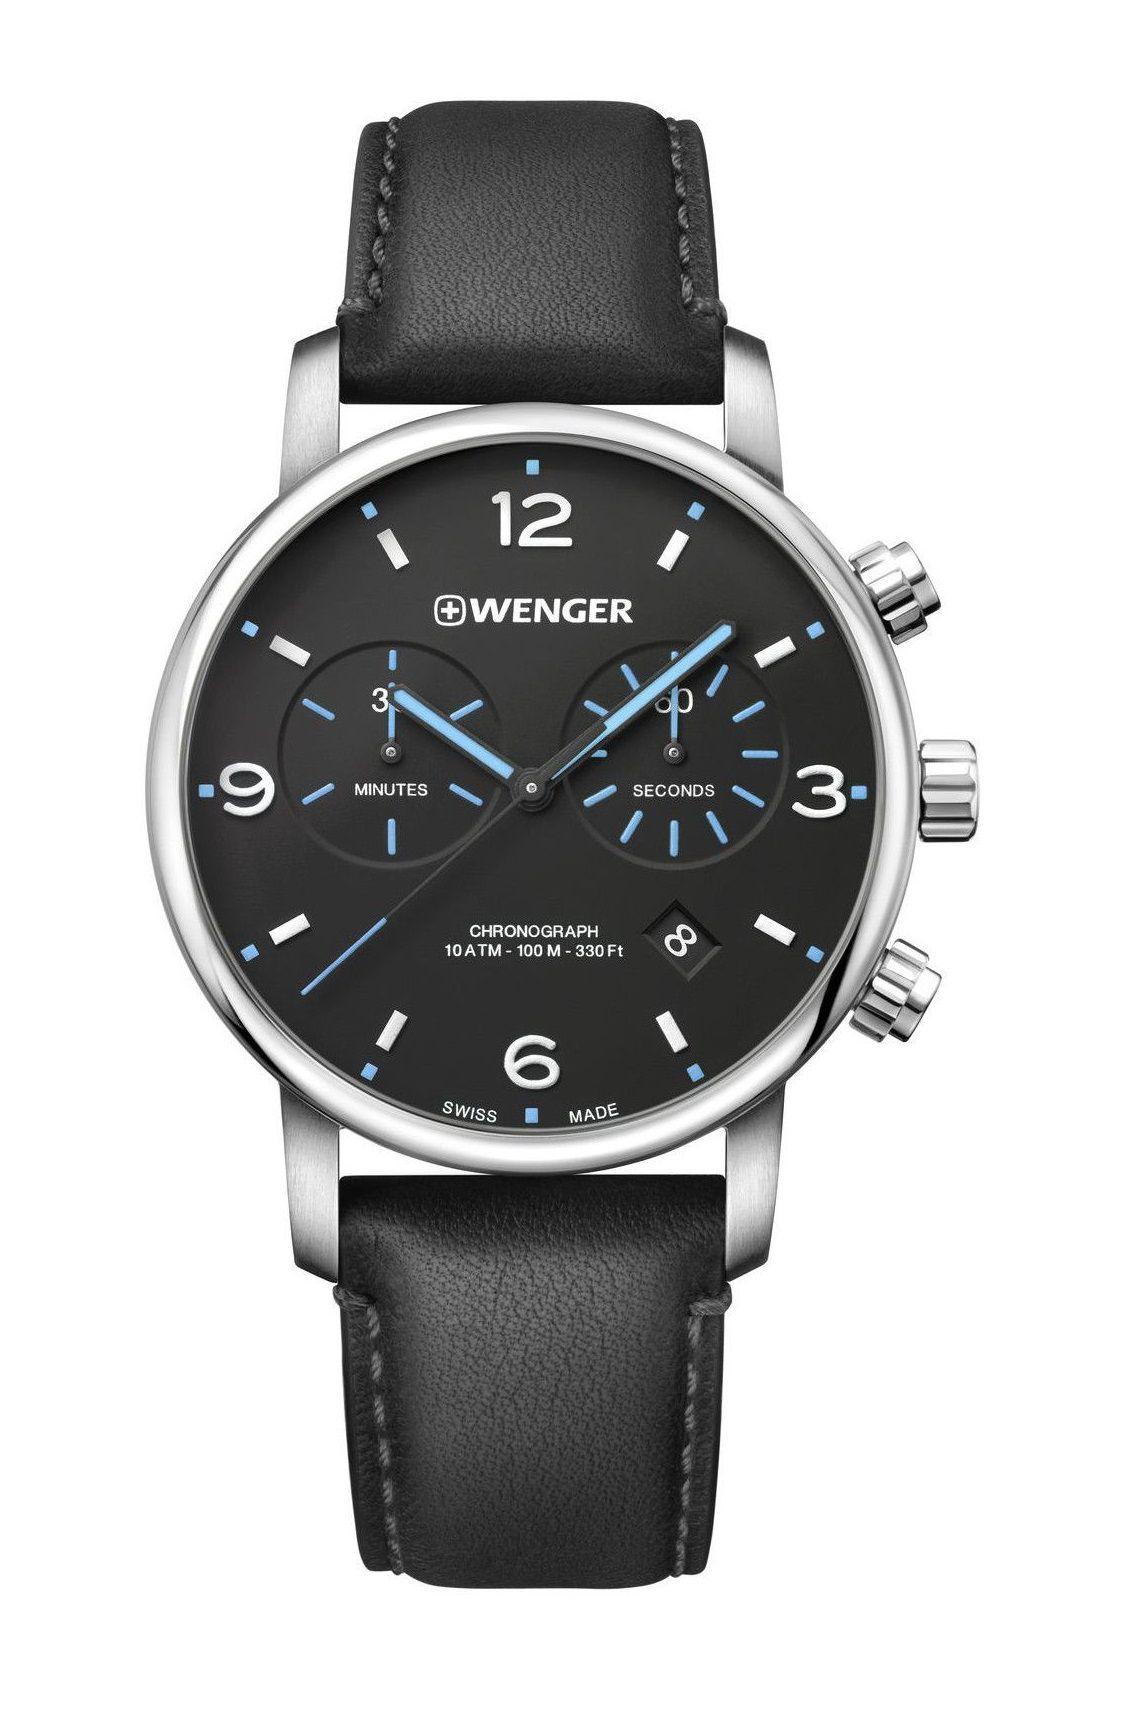 Relógio de Pulso social suíço Wenger Urban Metropolitan Chrono 44mm 01.1743.120  - Mix Eletro